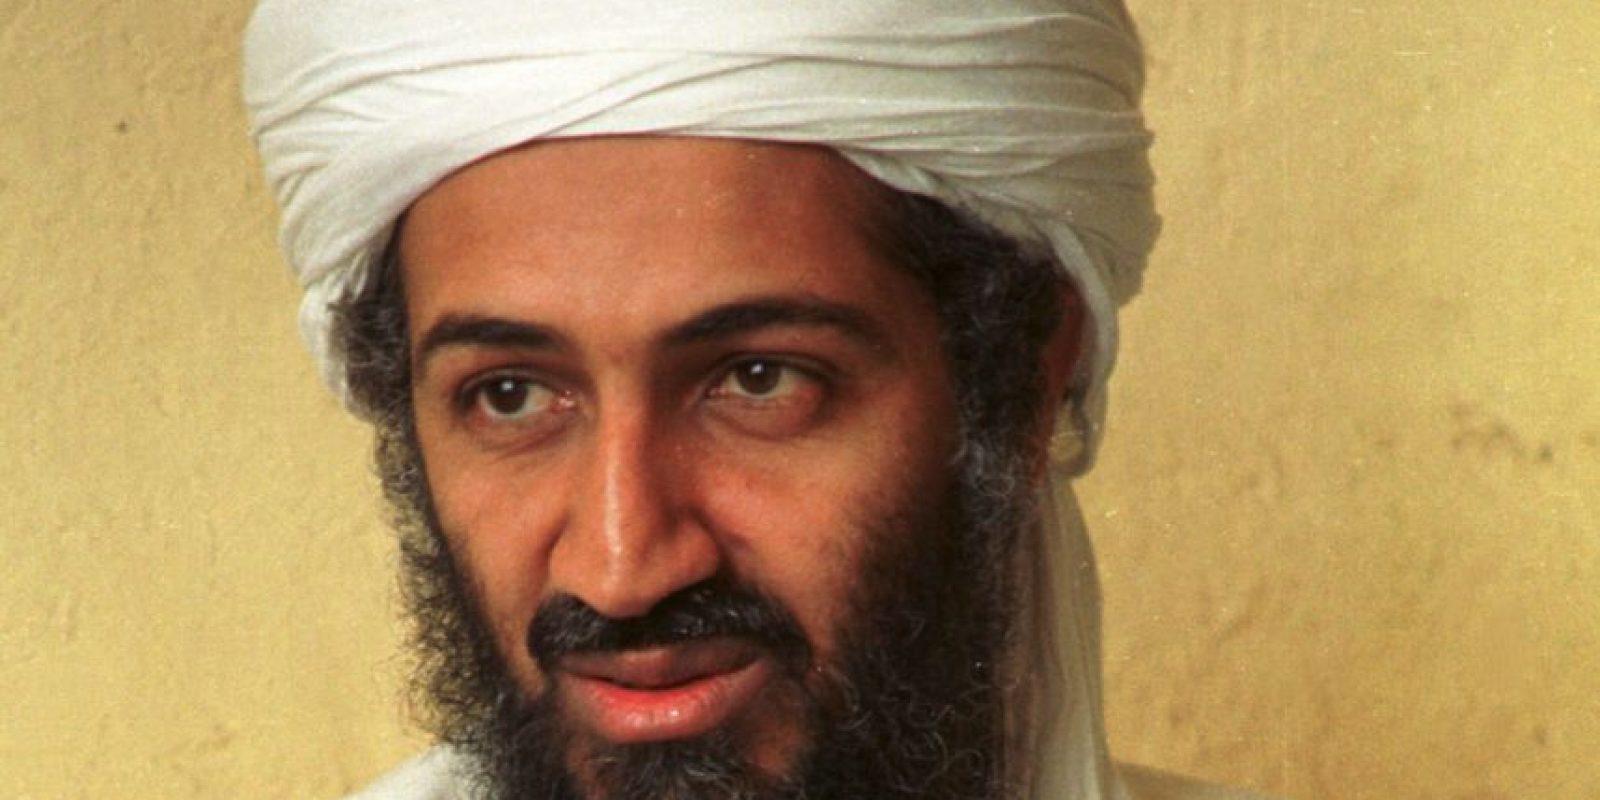 Ya se sabe el nombre del oficial del Ejército paquistaní, que según el periodista Seymour Hersh dio la ubicación de Bin Laden al gobierno estadounidense. Foto:Getty Images